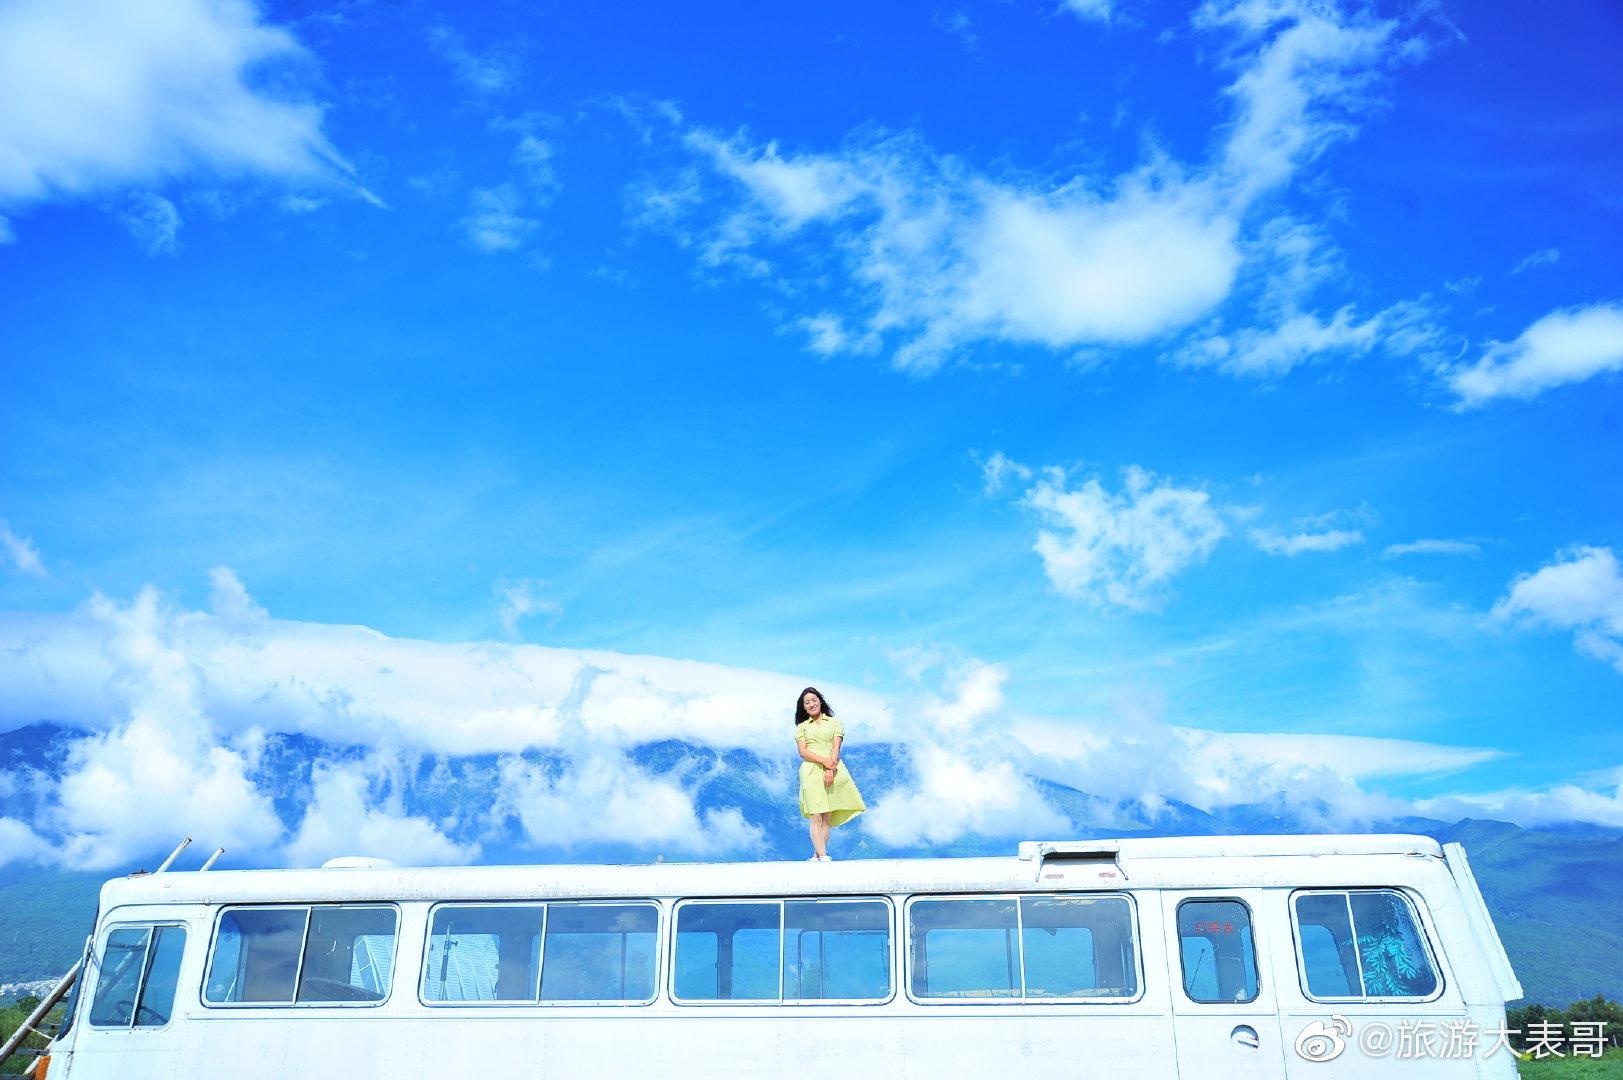 多去看看好的风景,生活会涌现出无尽美好,把风景框在网格线里